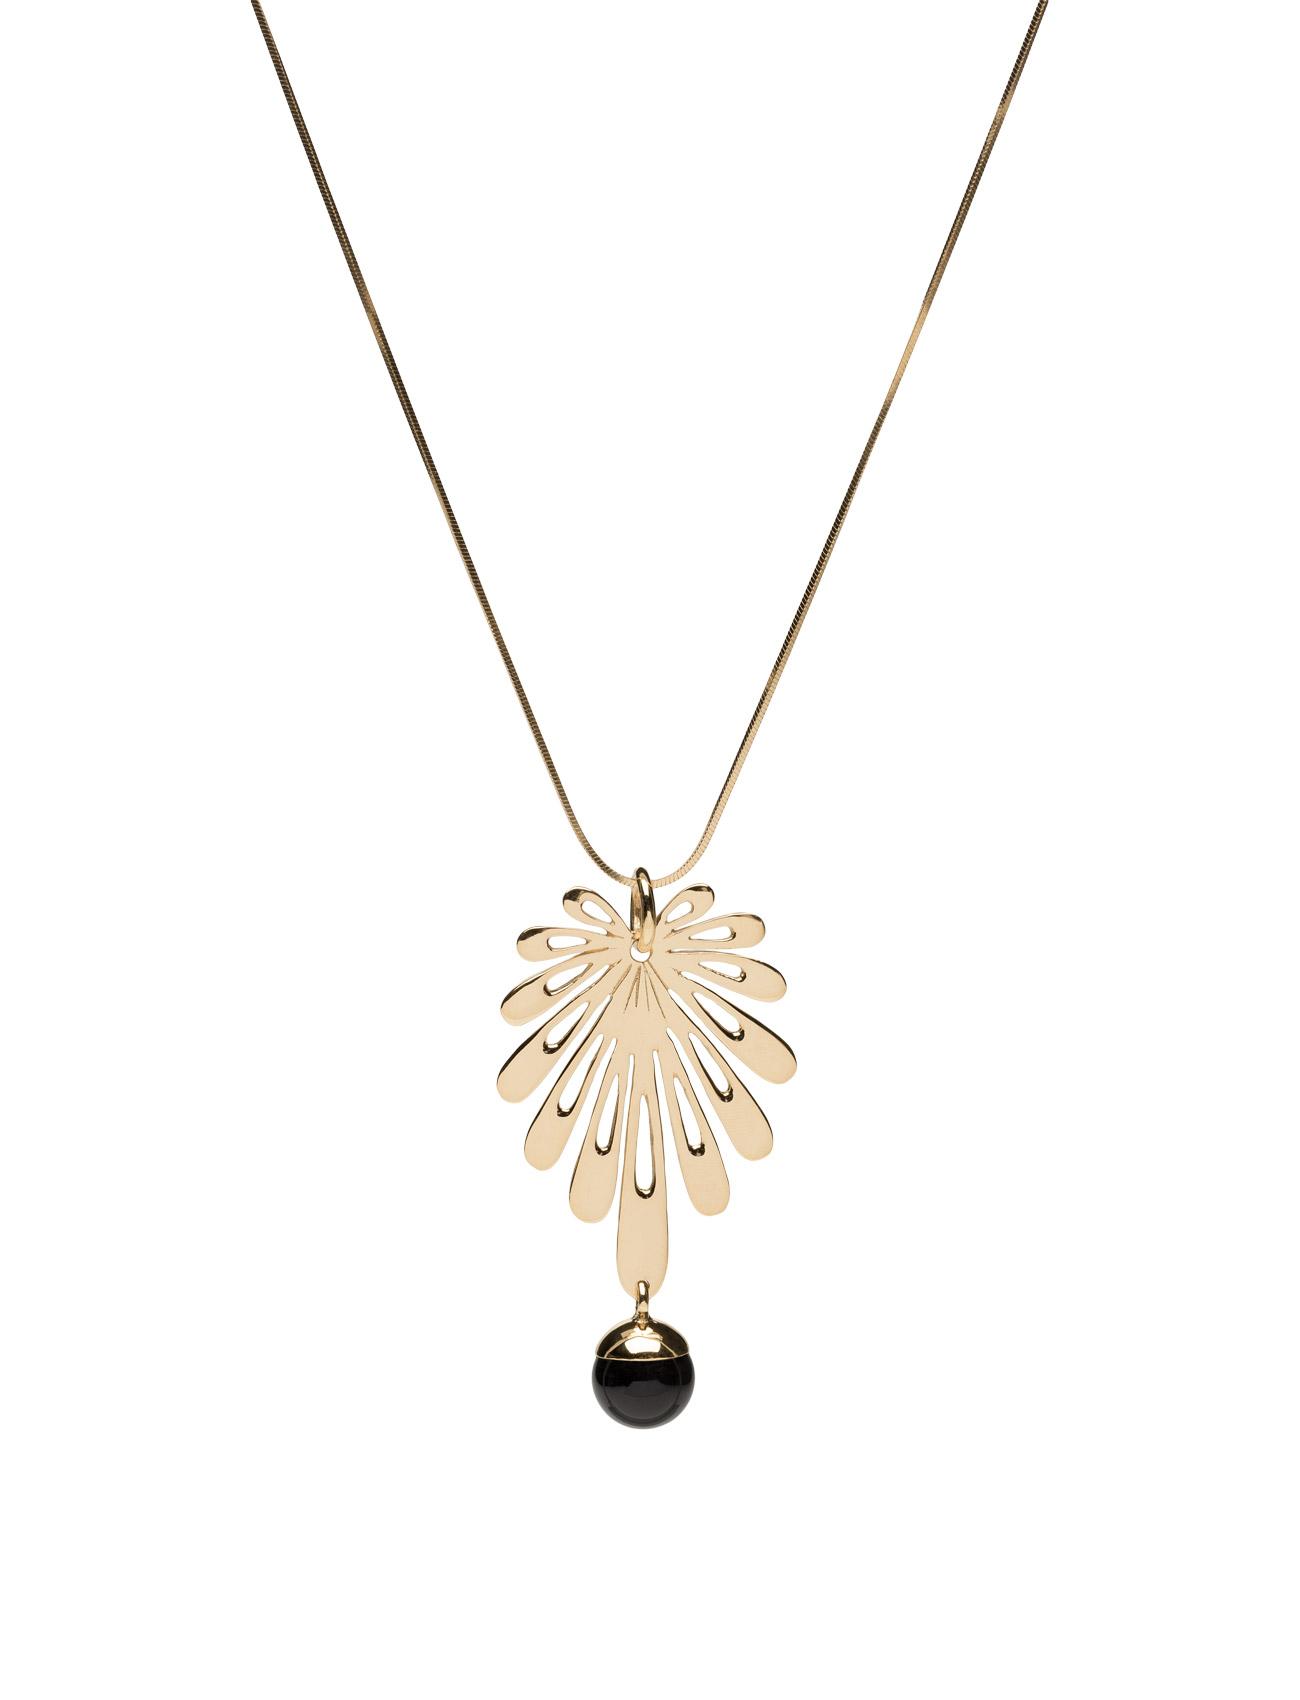 Deco Flower Necklace, Black Onyx Syster P Smykker til Damer i Guld